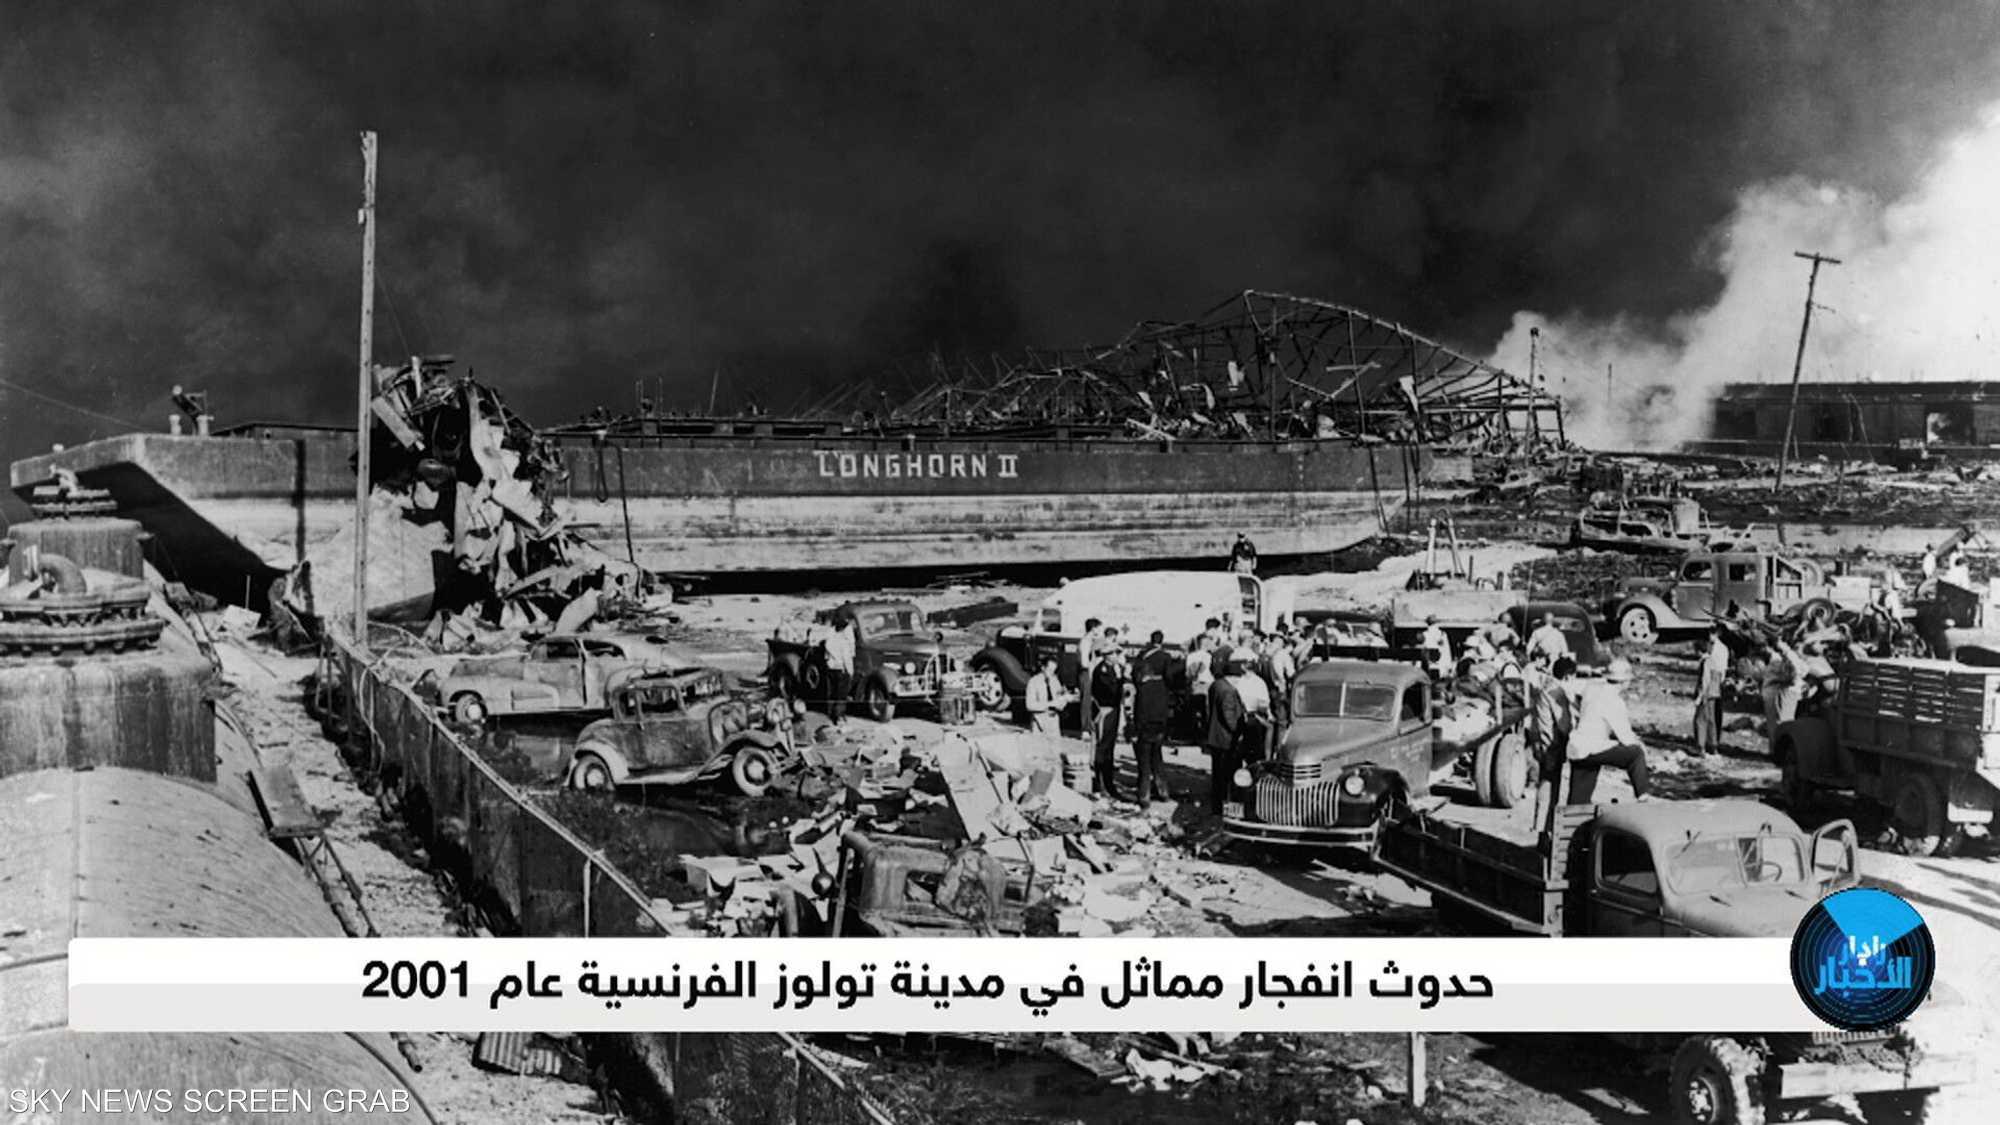 انفجارات مشابهة وقعت في مدن عدة في العالم على مرّ الزمن